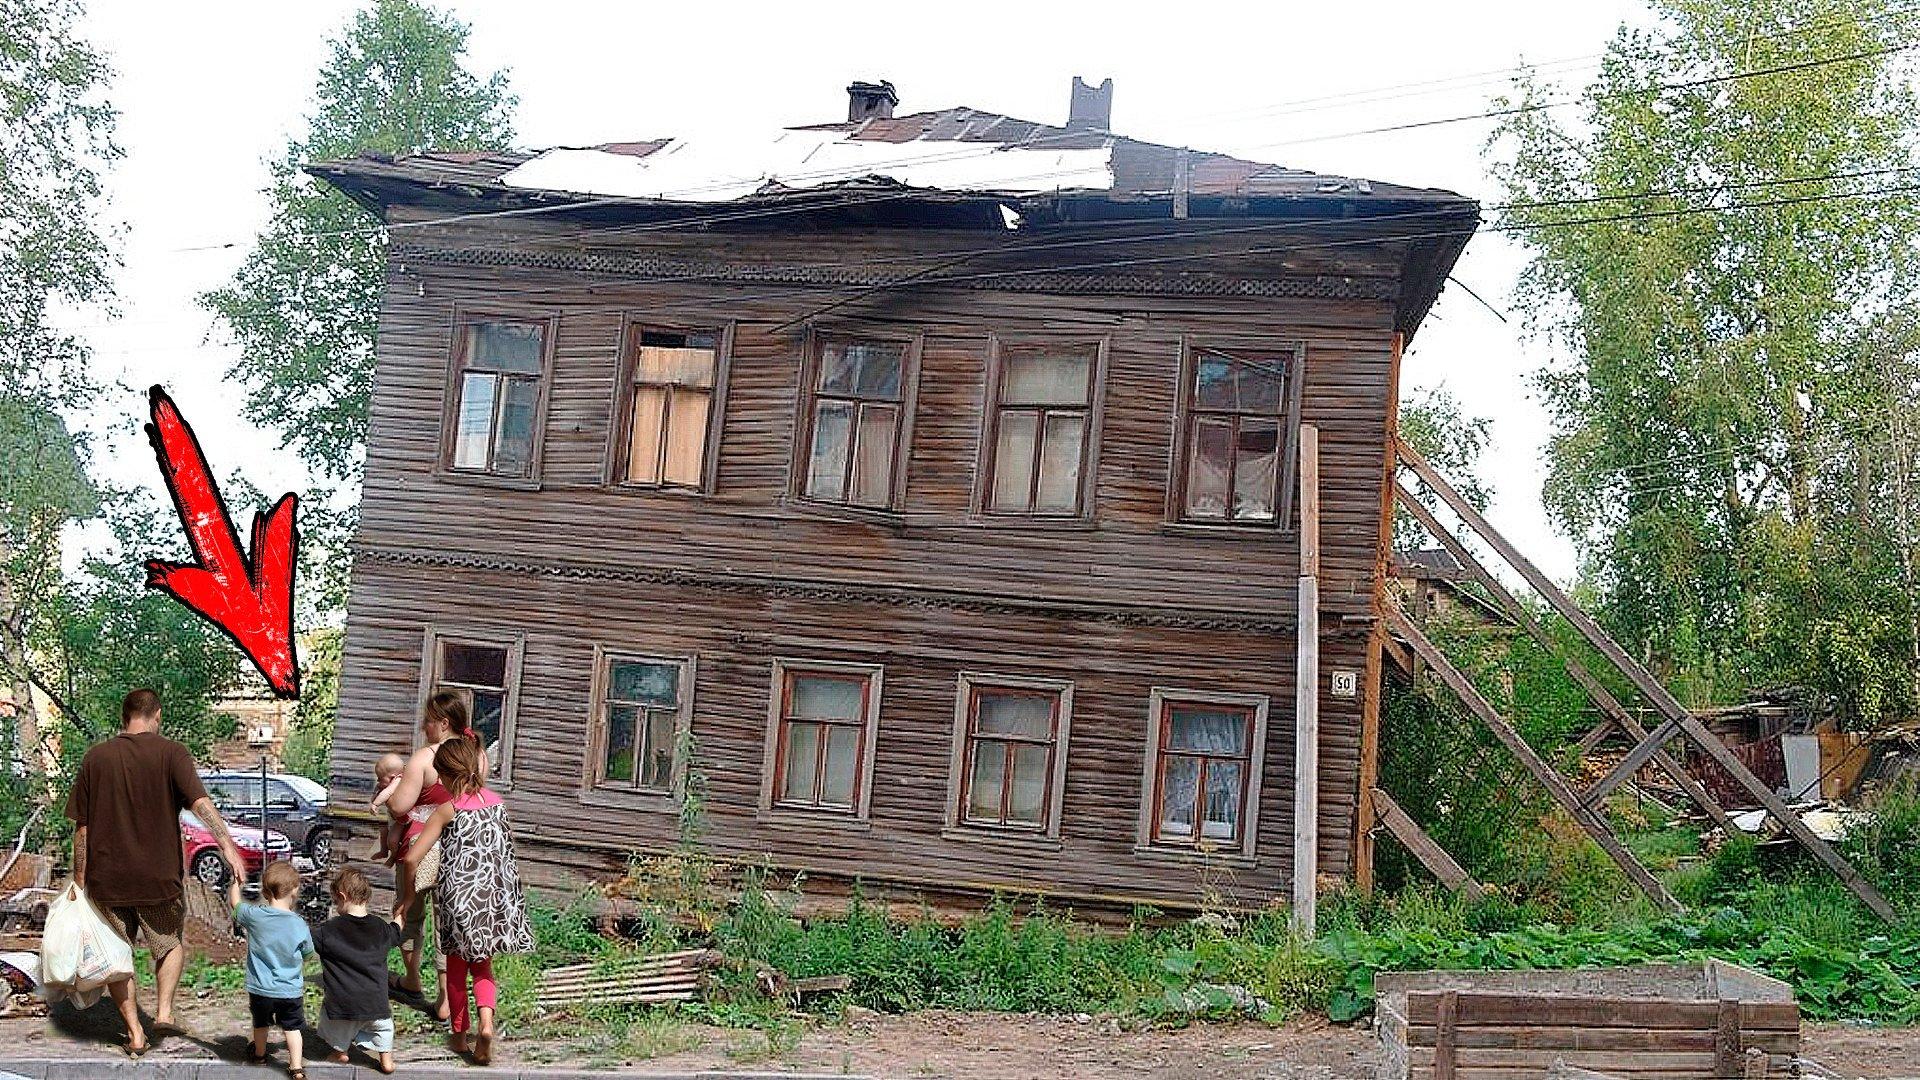 ясно, убрали бараки в россии фото дождливую погоду можно